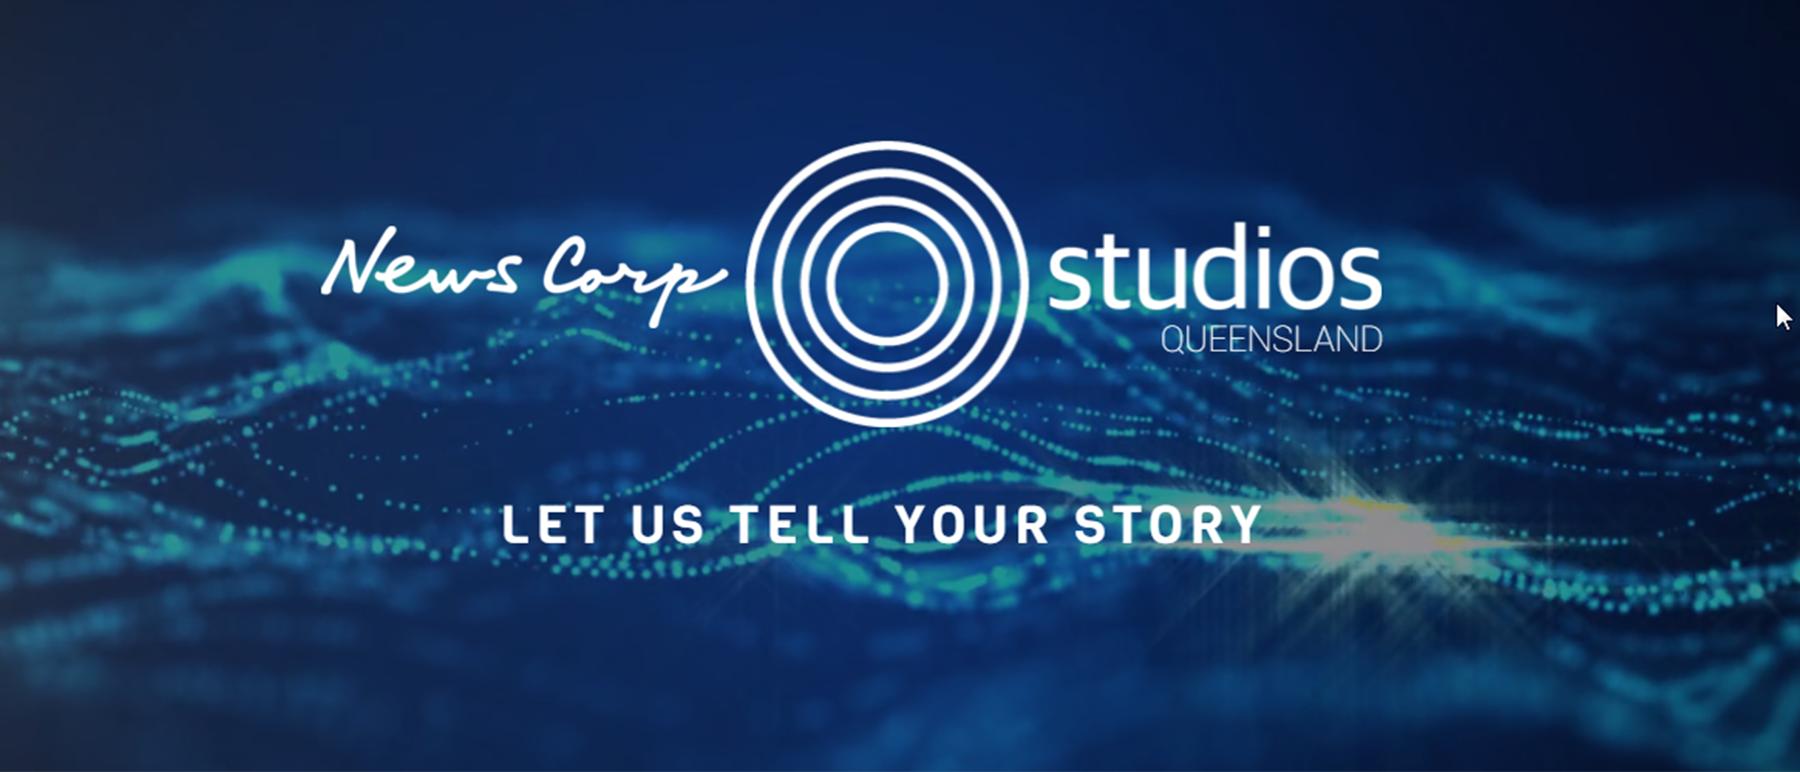 News Corp Studios Queensland